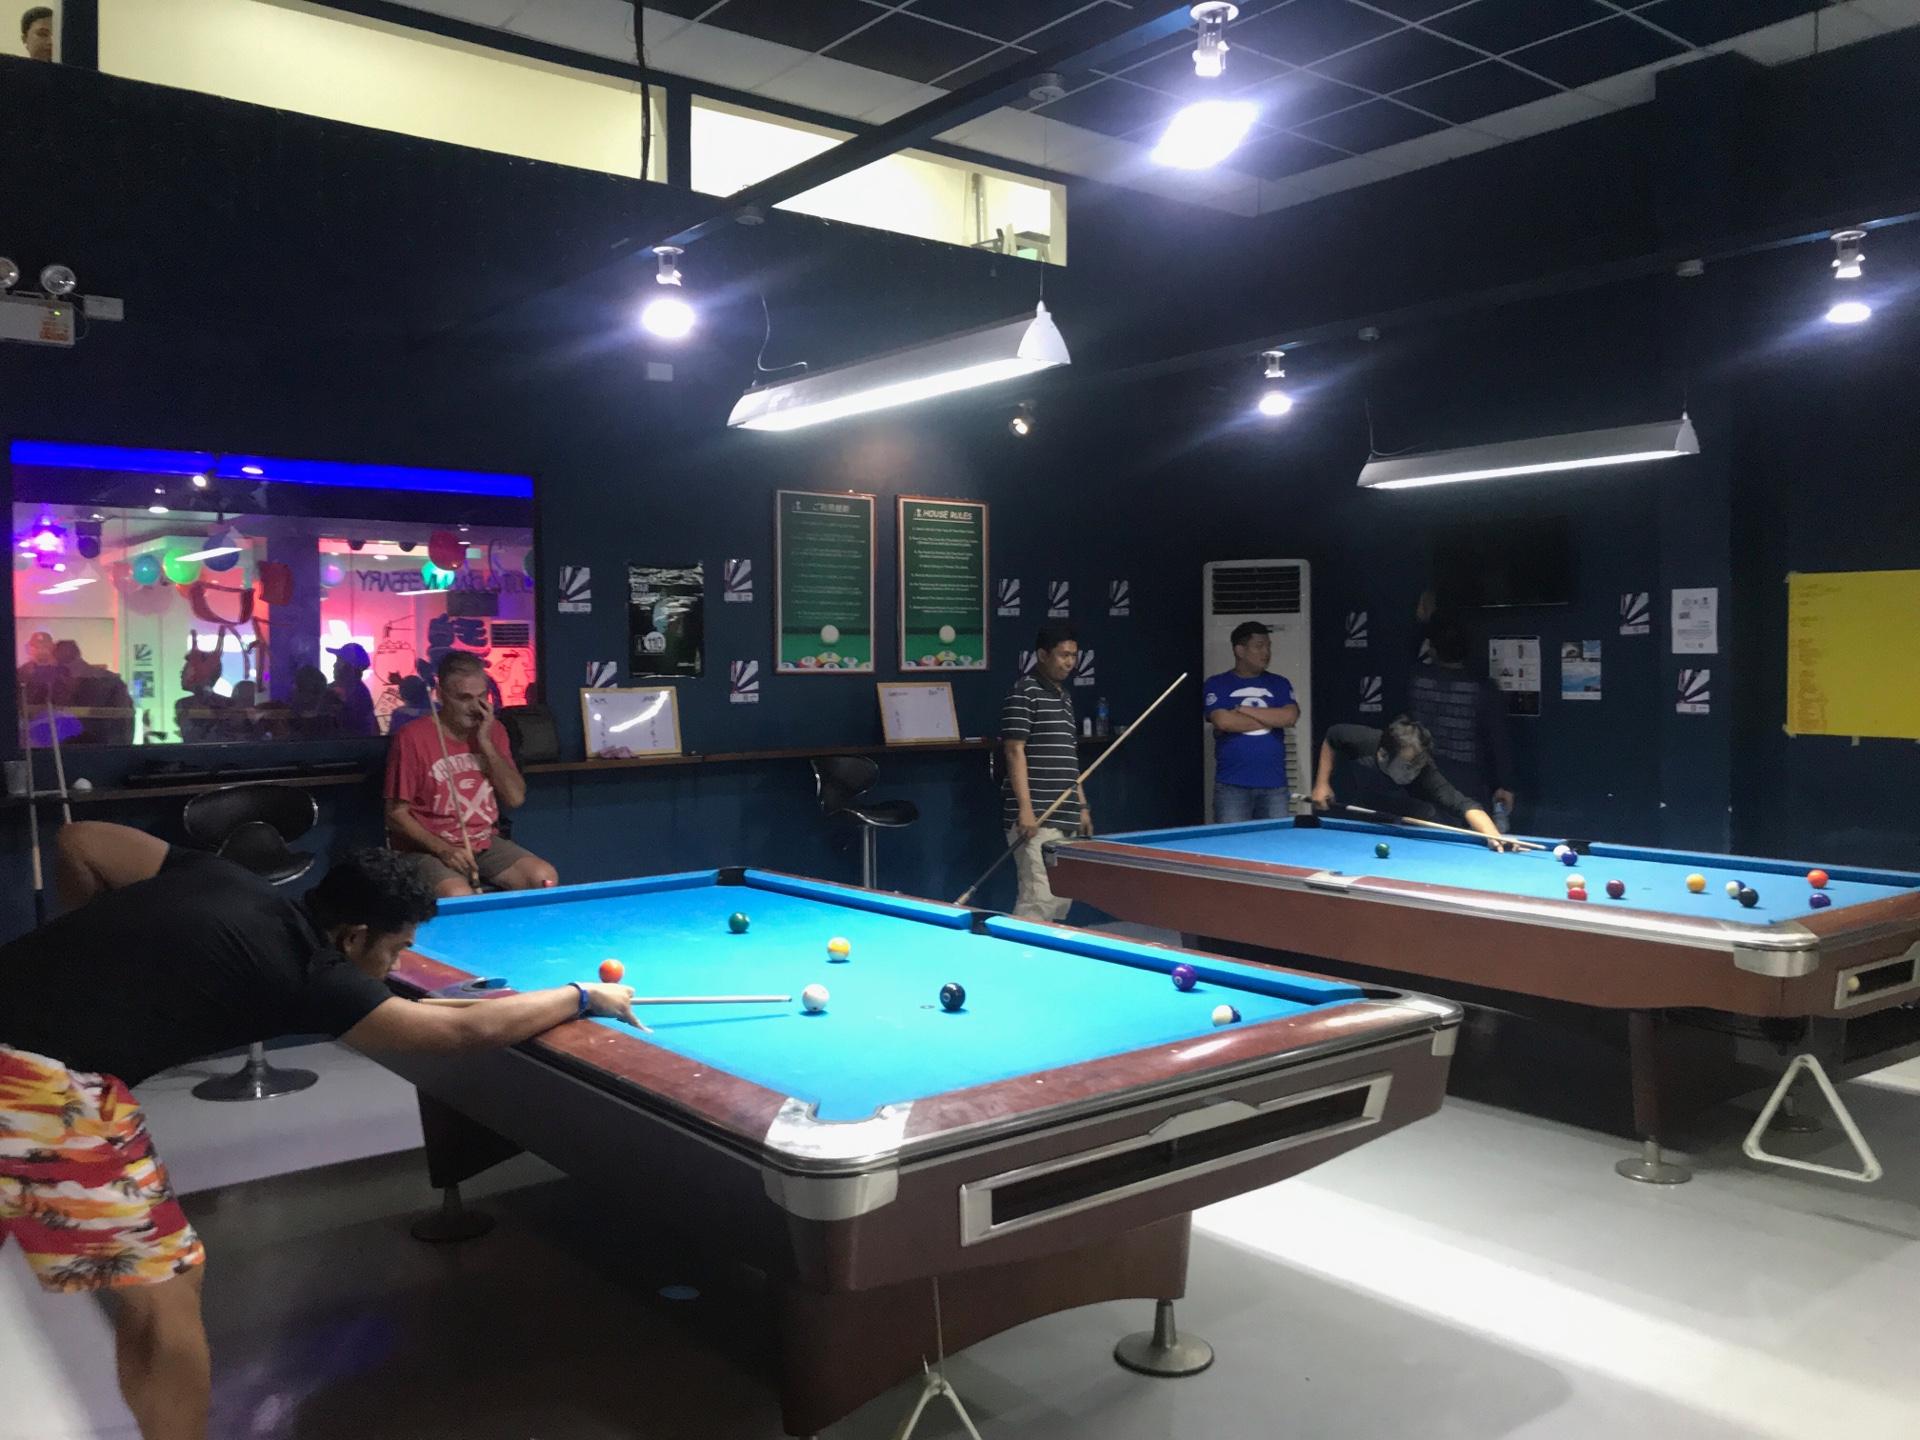 フィリピンで人気のスポーツは?